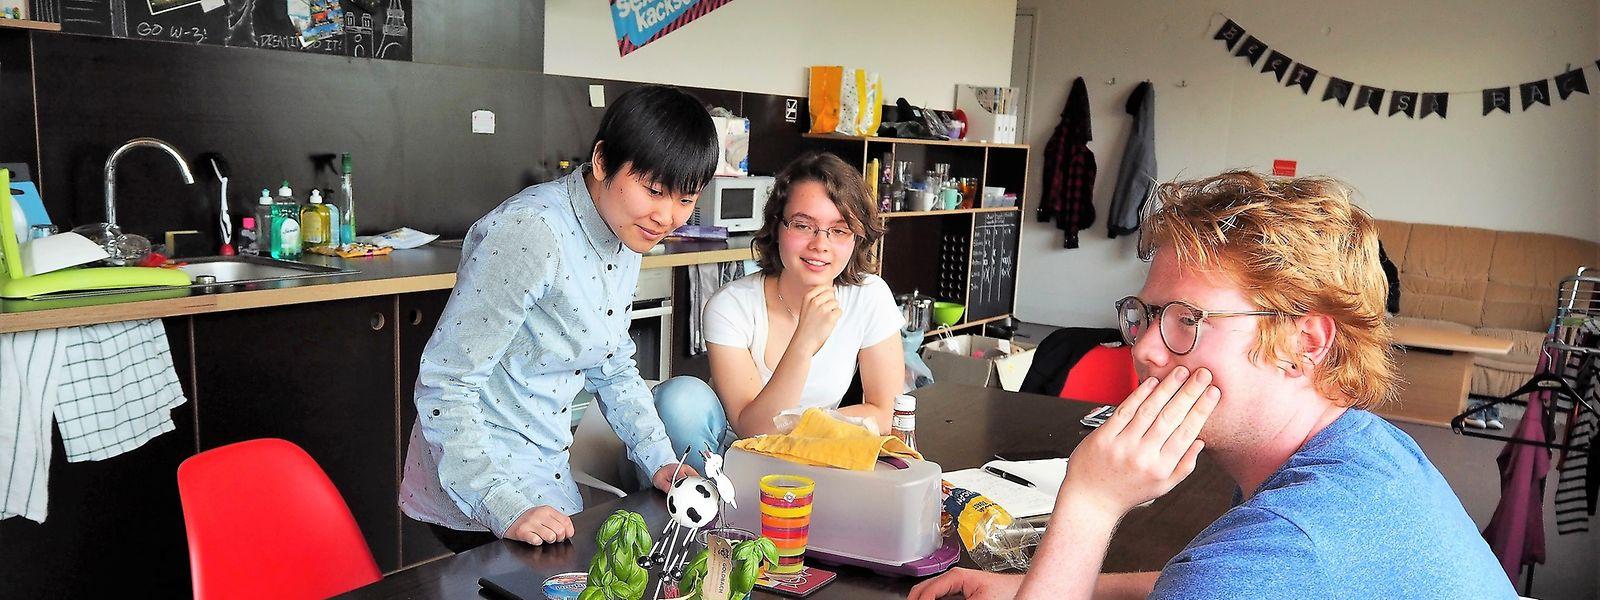 Studenten-WGs, wie hier in Belval, bleiben weiterhin in Esch in Appartementhäusern möglich. In Einfamilienhäusern ist dies derzeit aber nicht möglich.